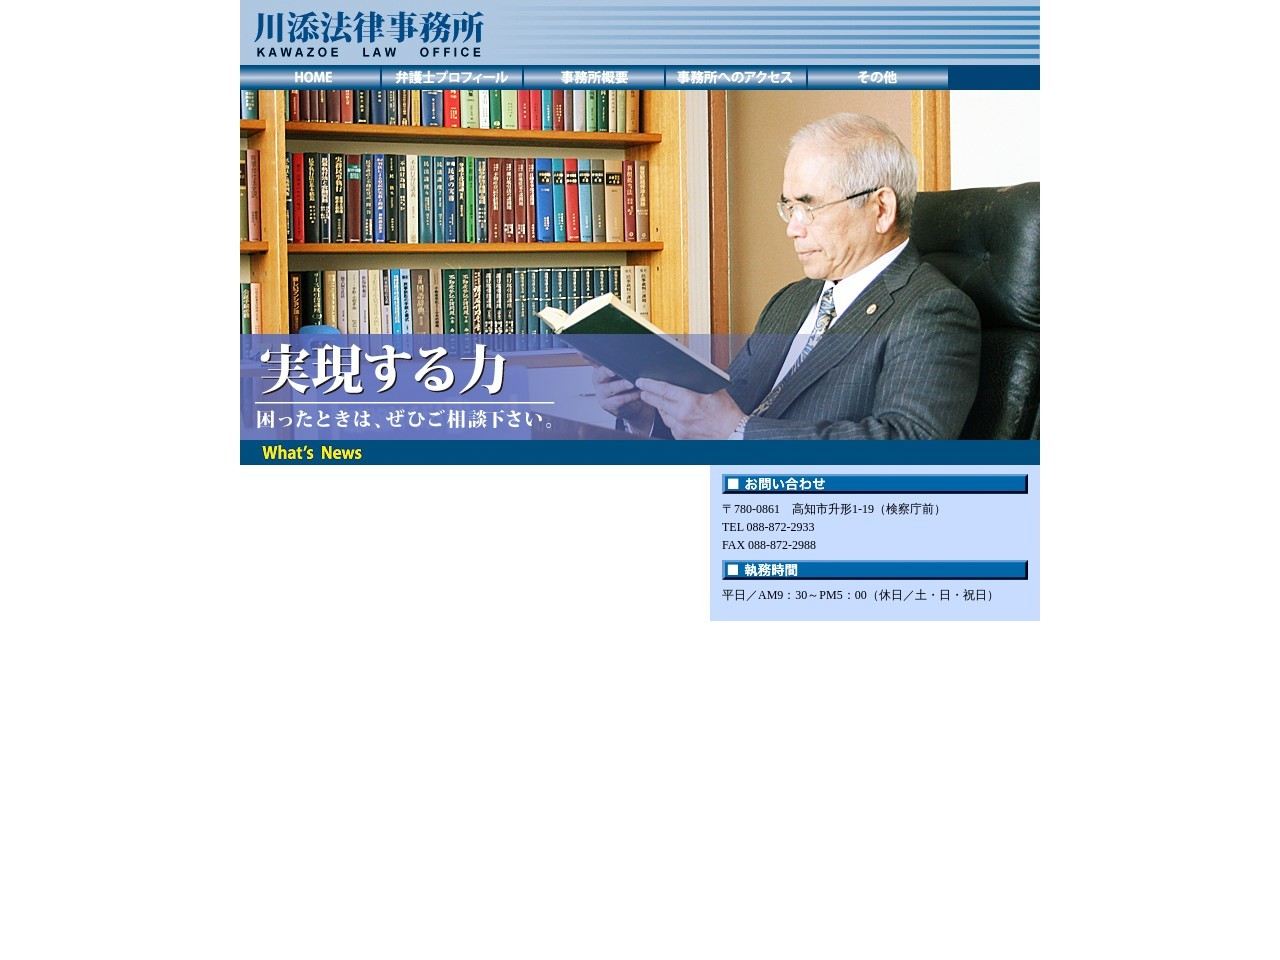 川添法律事務所